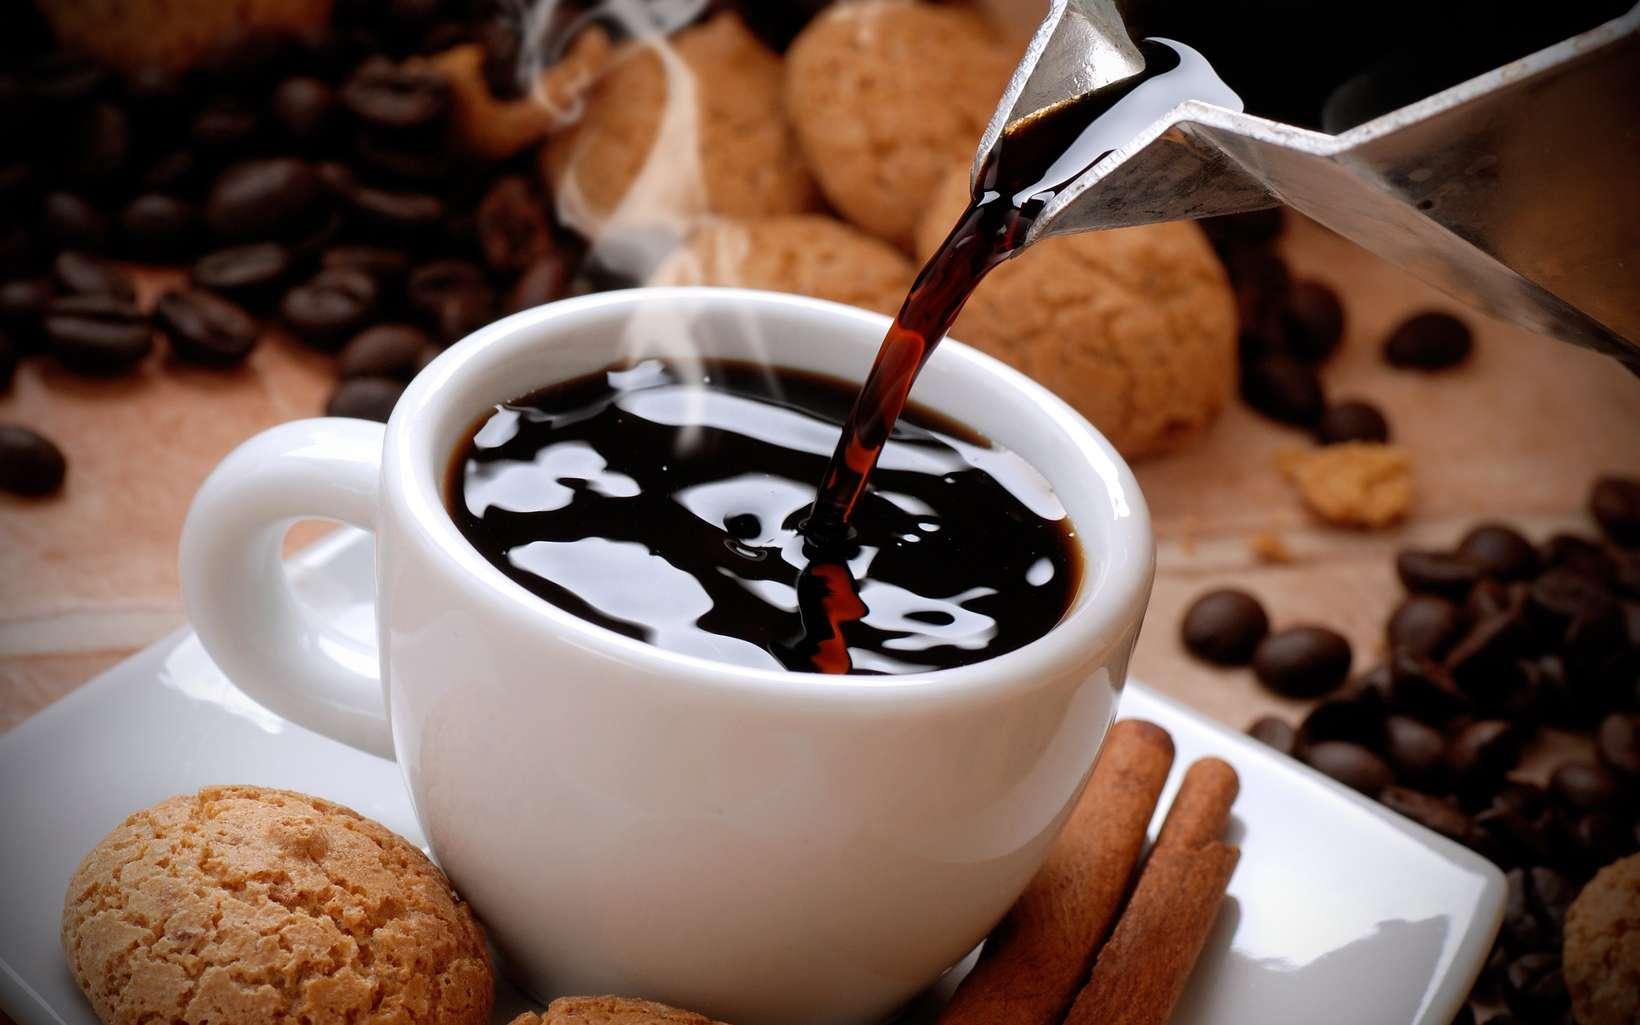 Boire du café pourrait limiter l'inflammation qui arrive naturellement avec l'âge. © al62, Fotolia